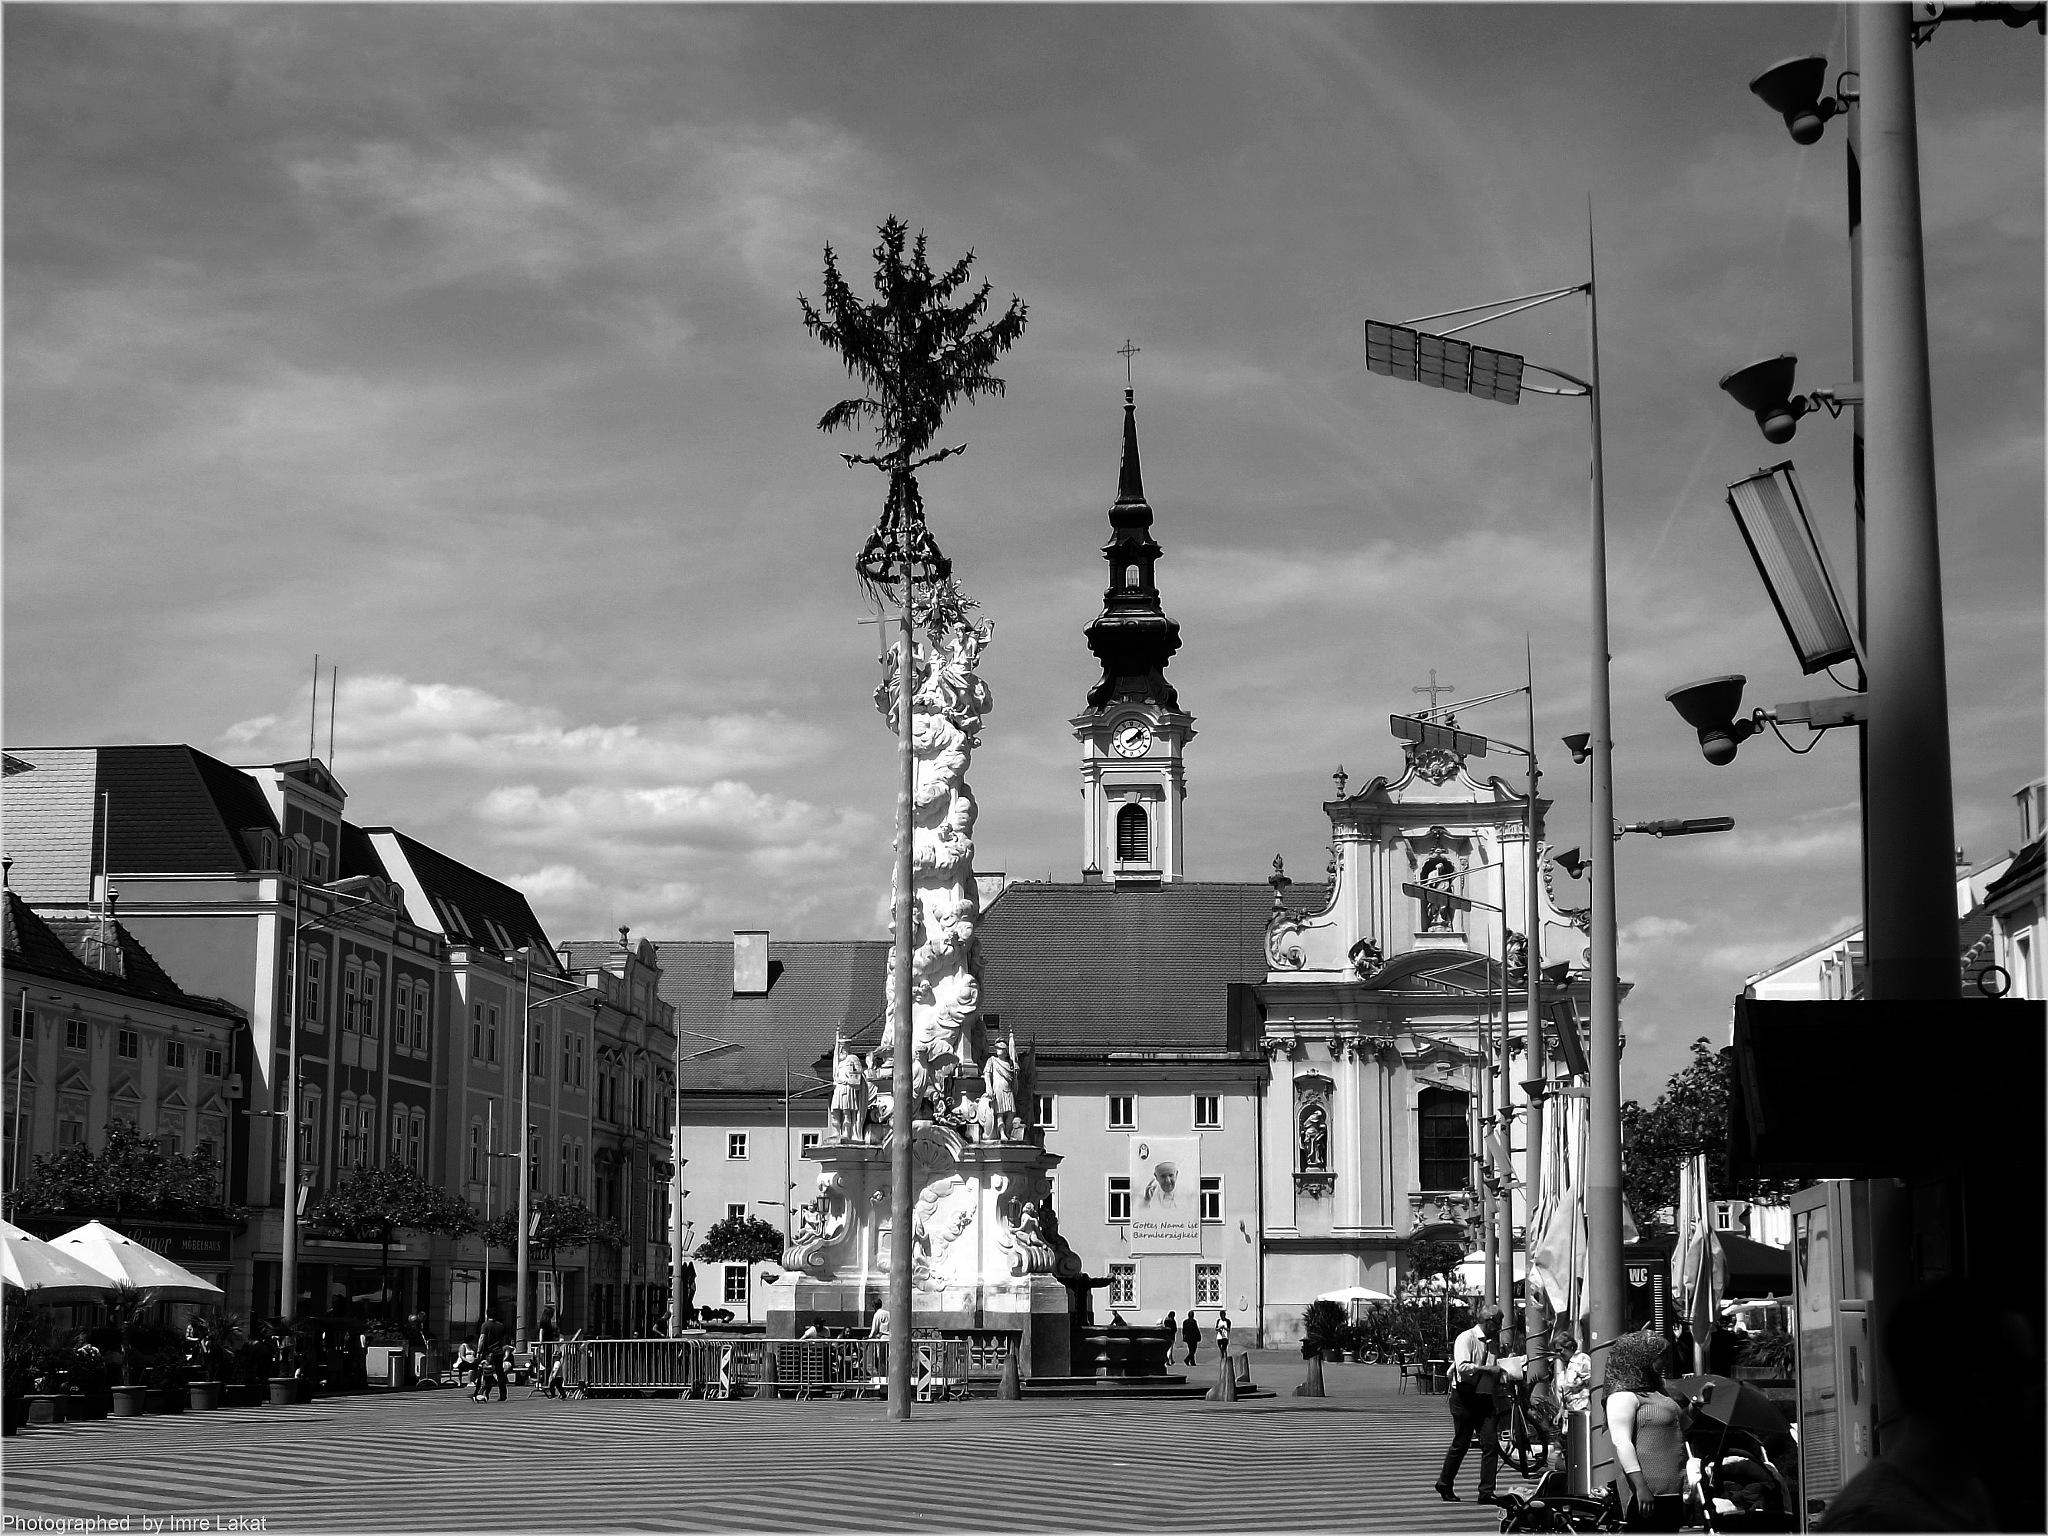 , Rathausplatz, Saint Pölten, Austria by Imre Lakat